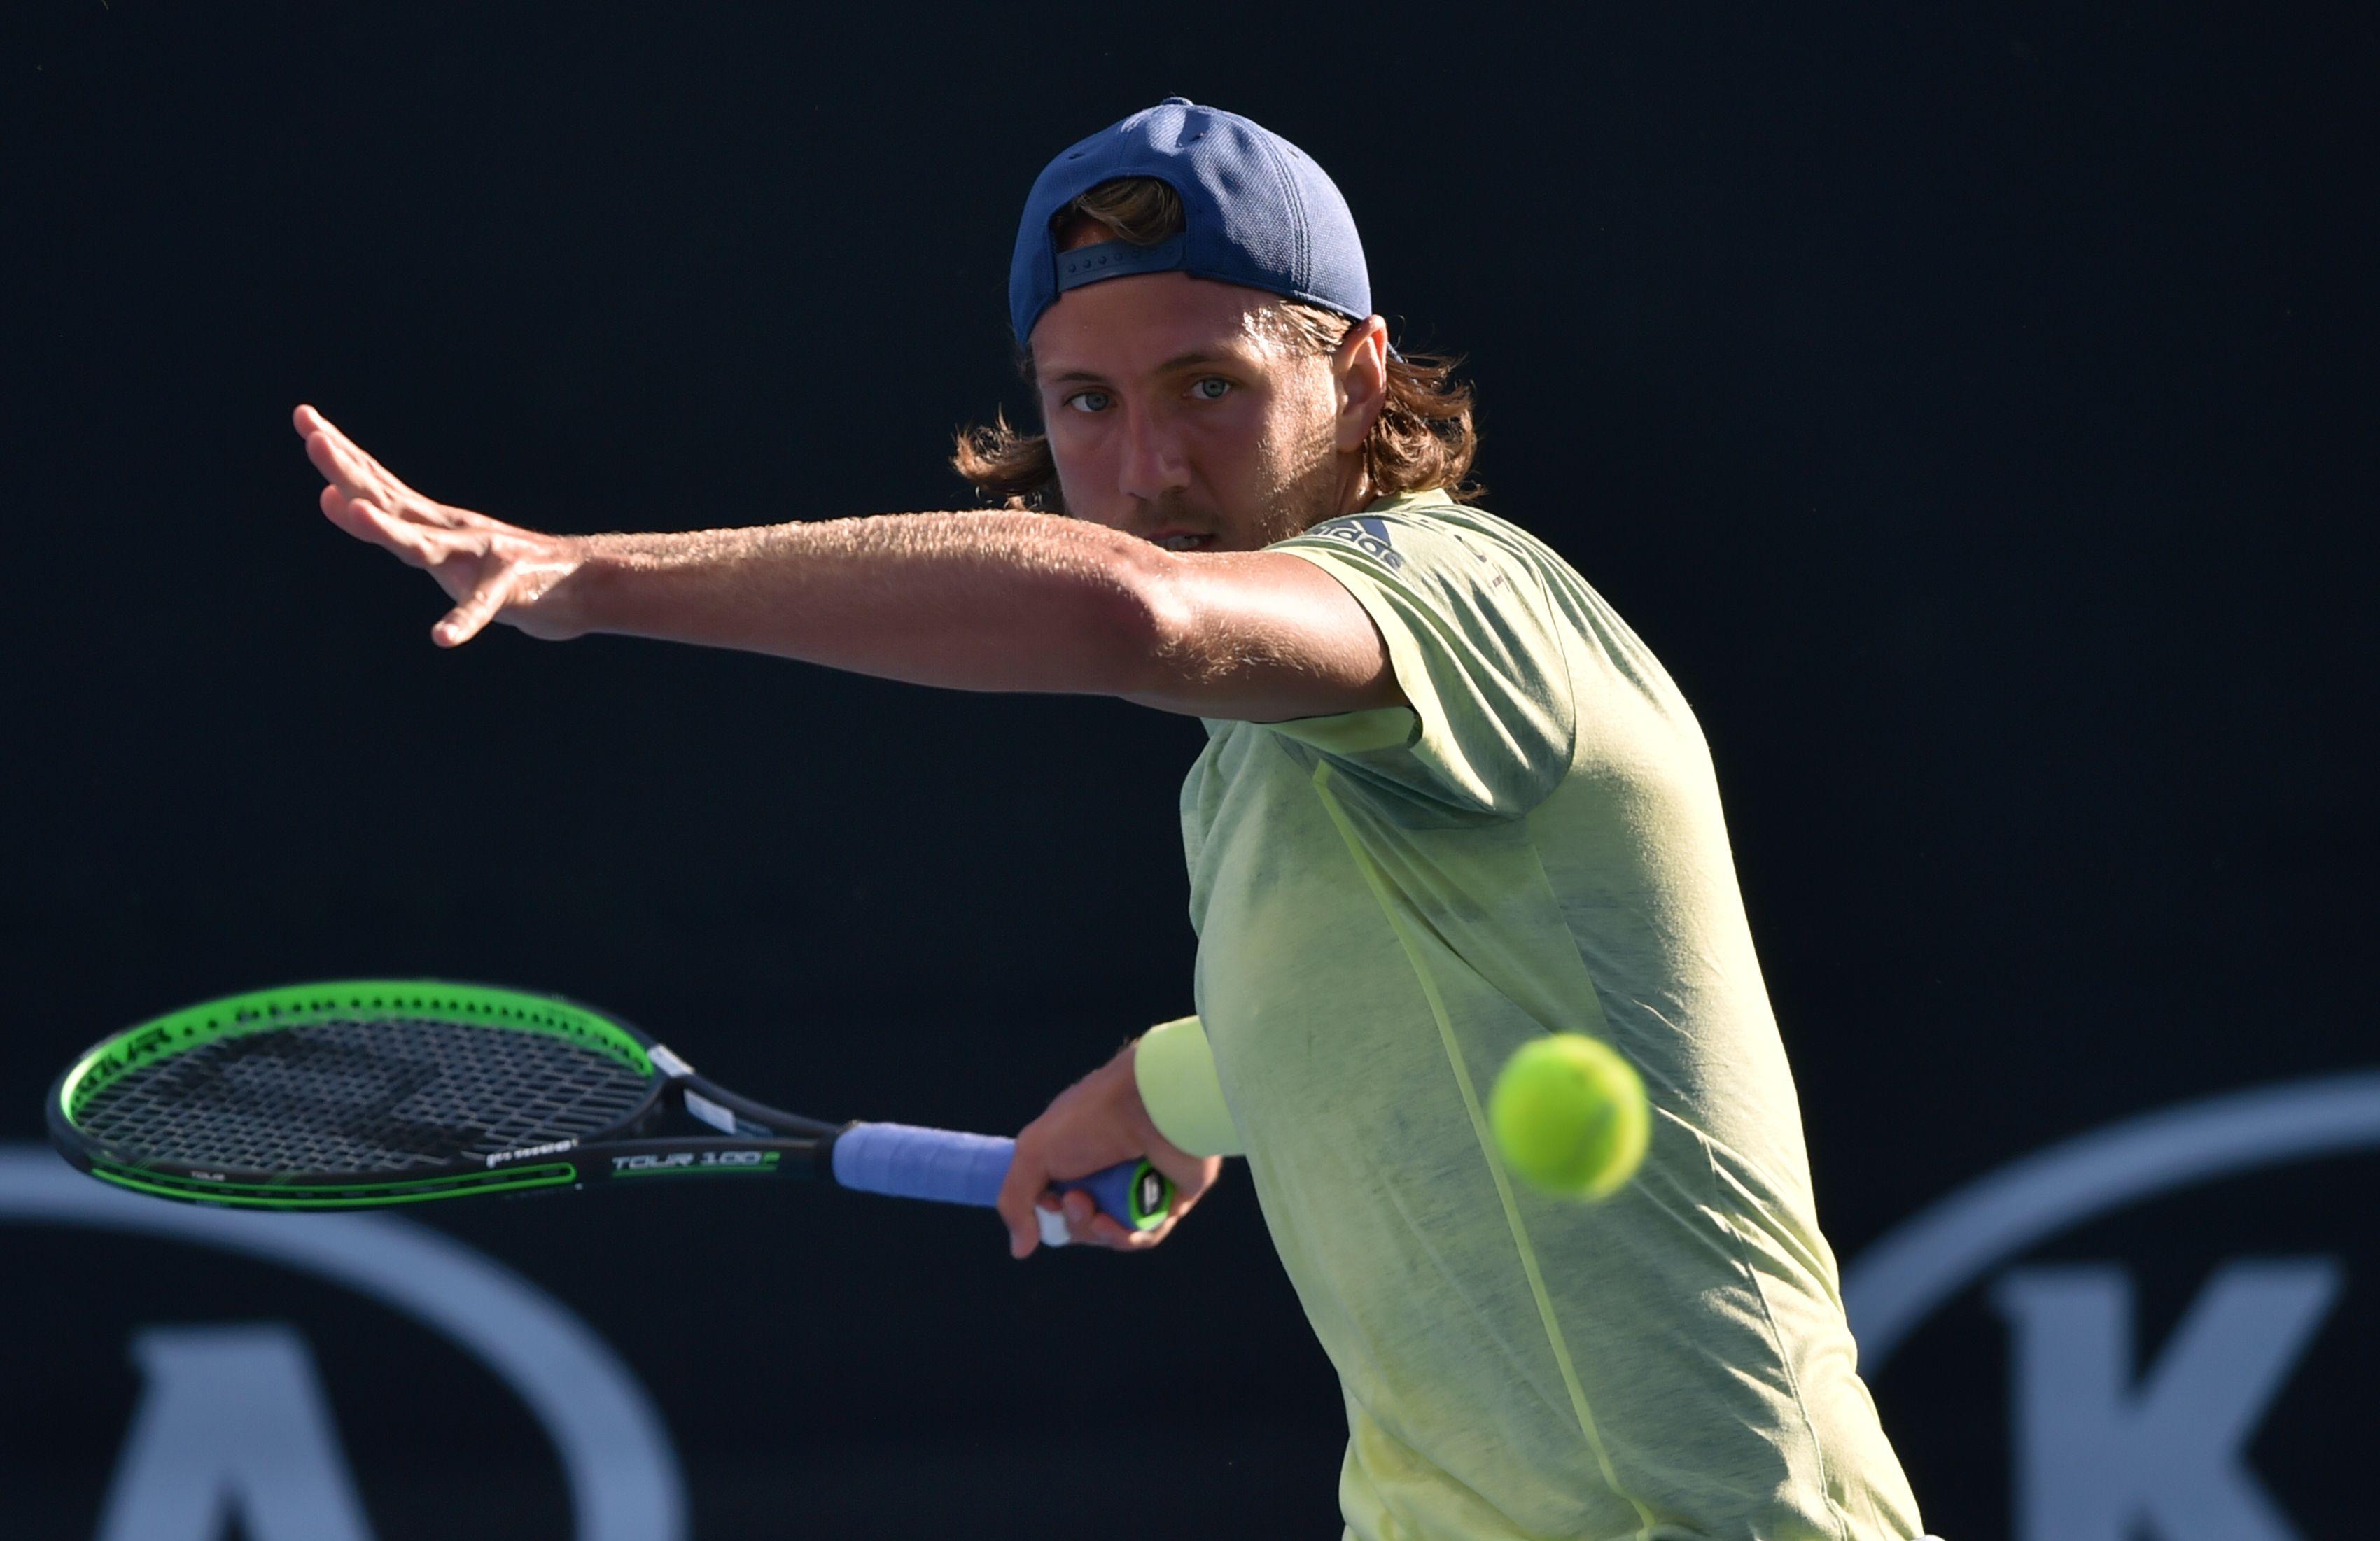 Tennis - Open Australie - Pouille soufflé d'entrée, Tsonga solide